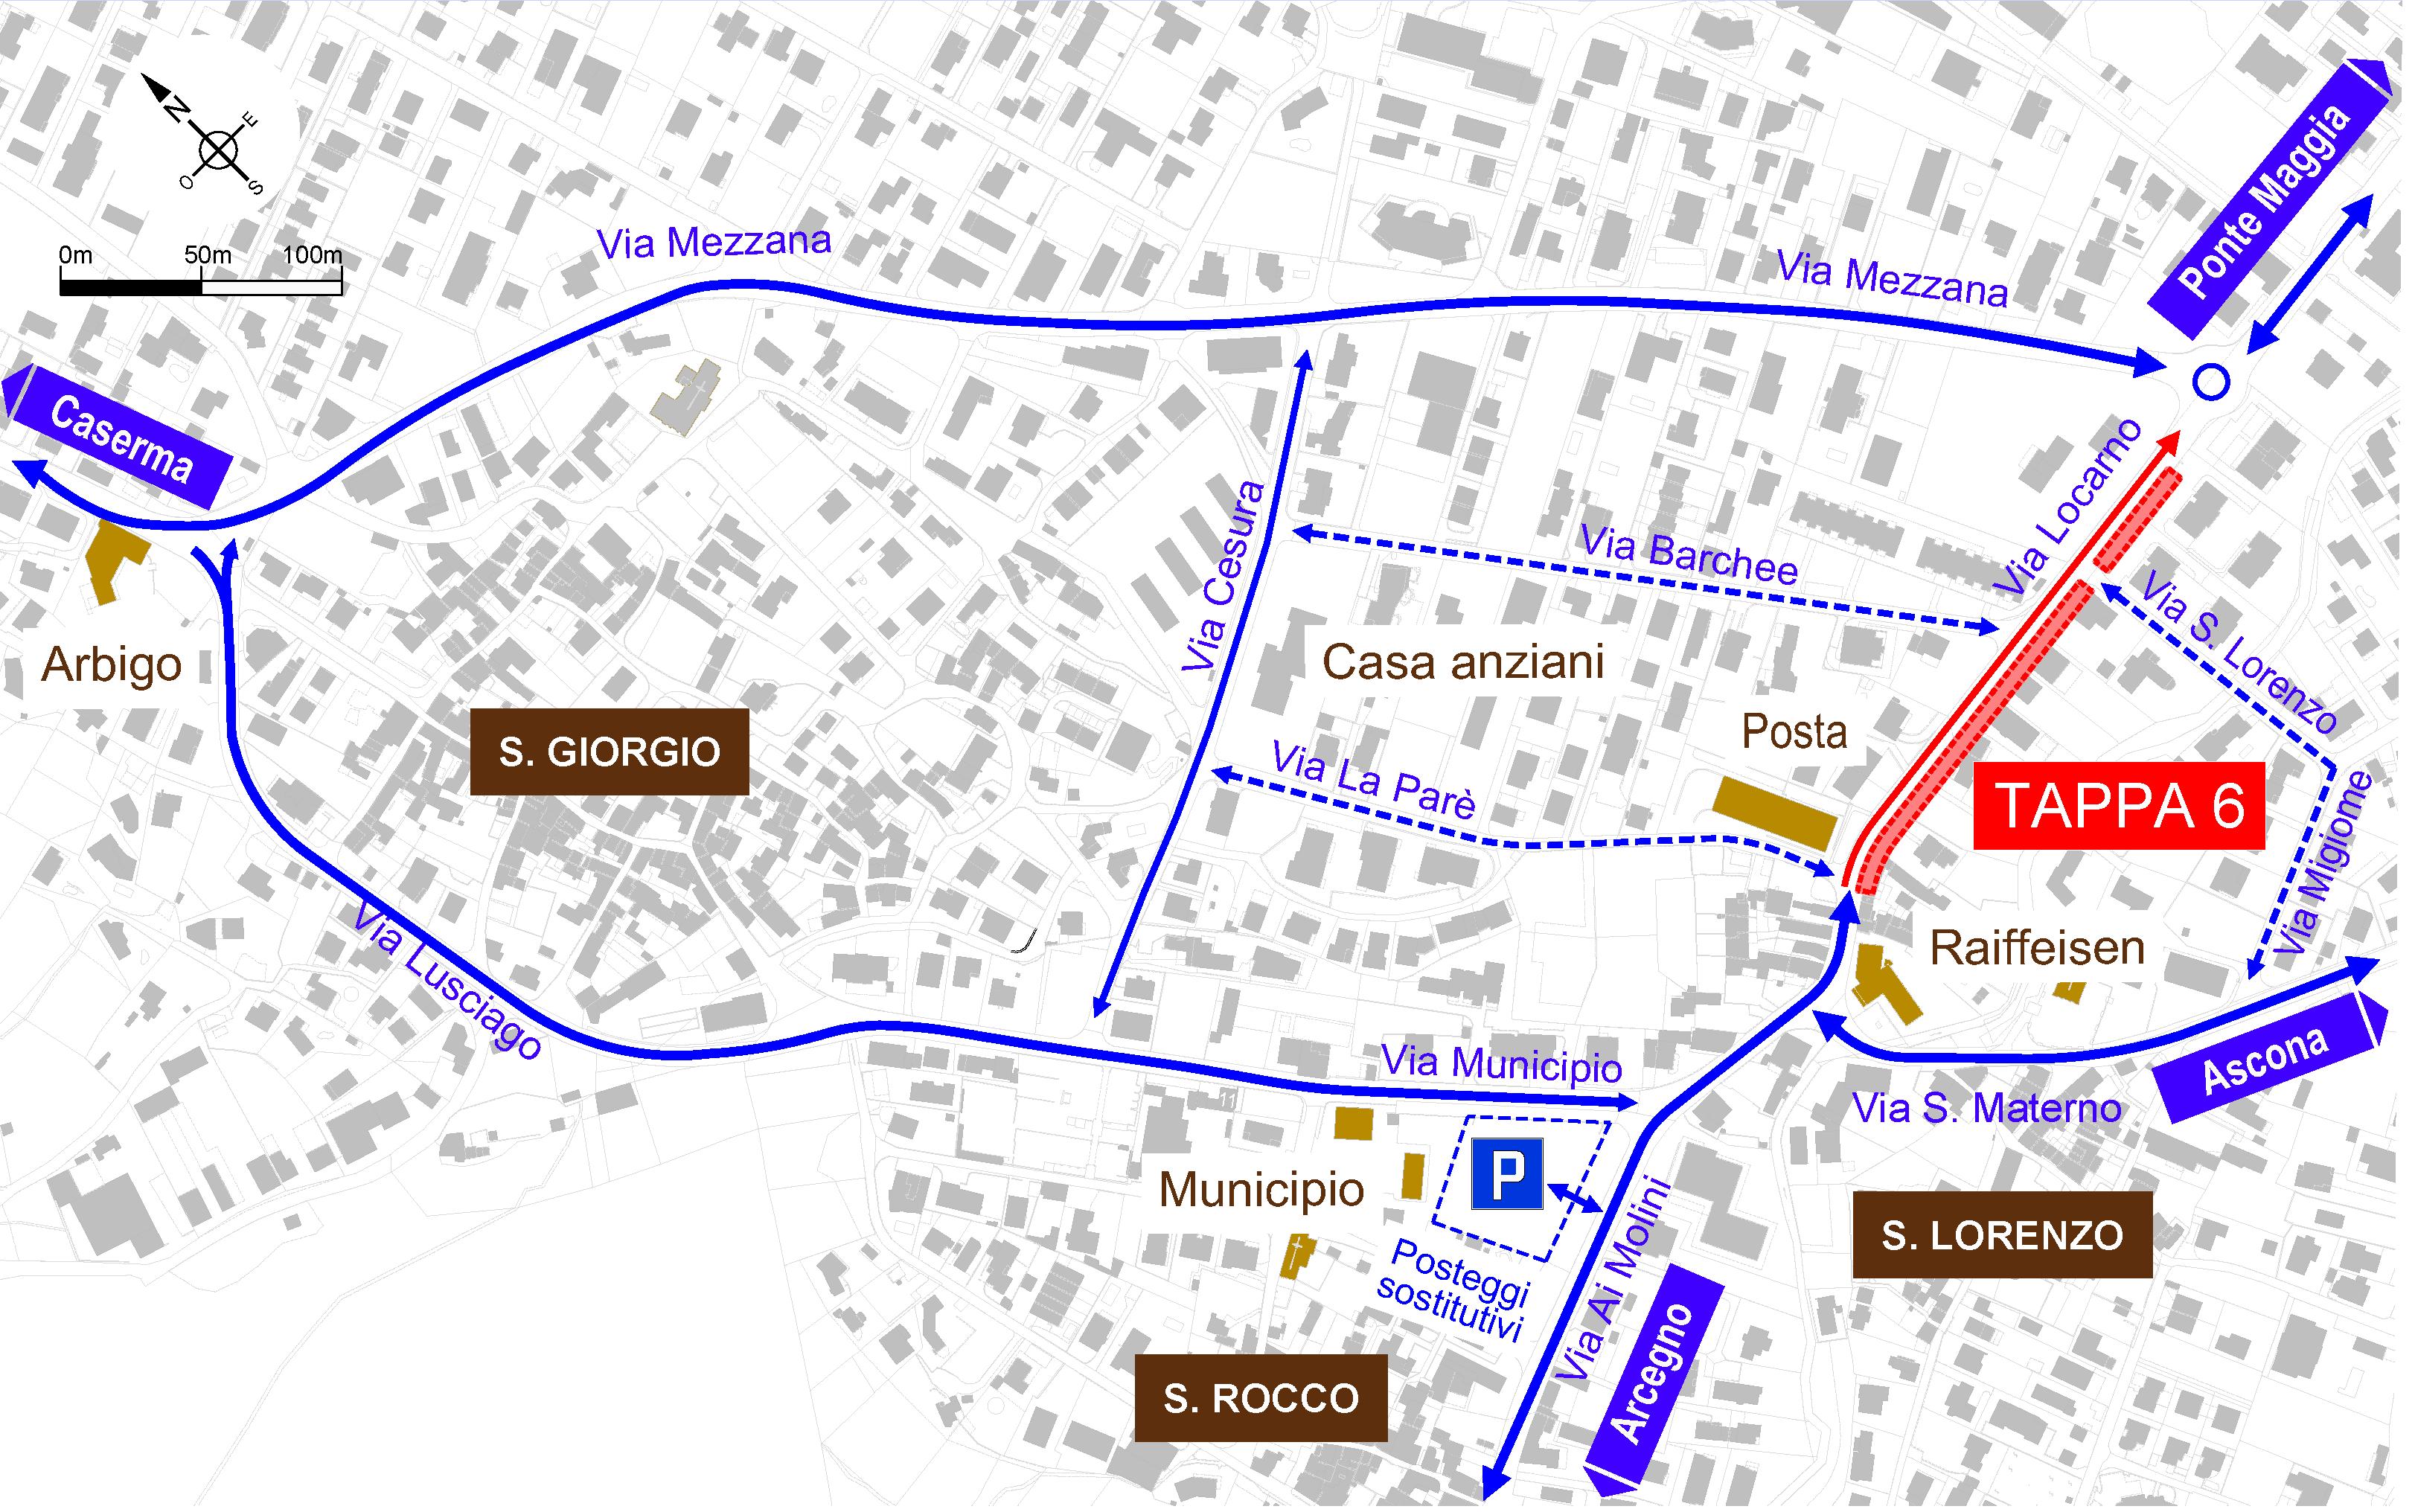 Mappa cantiere Via Locarno - Tappa 6